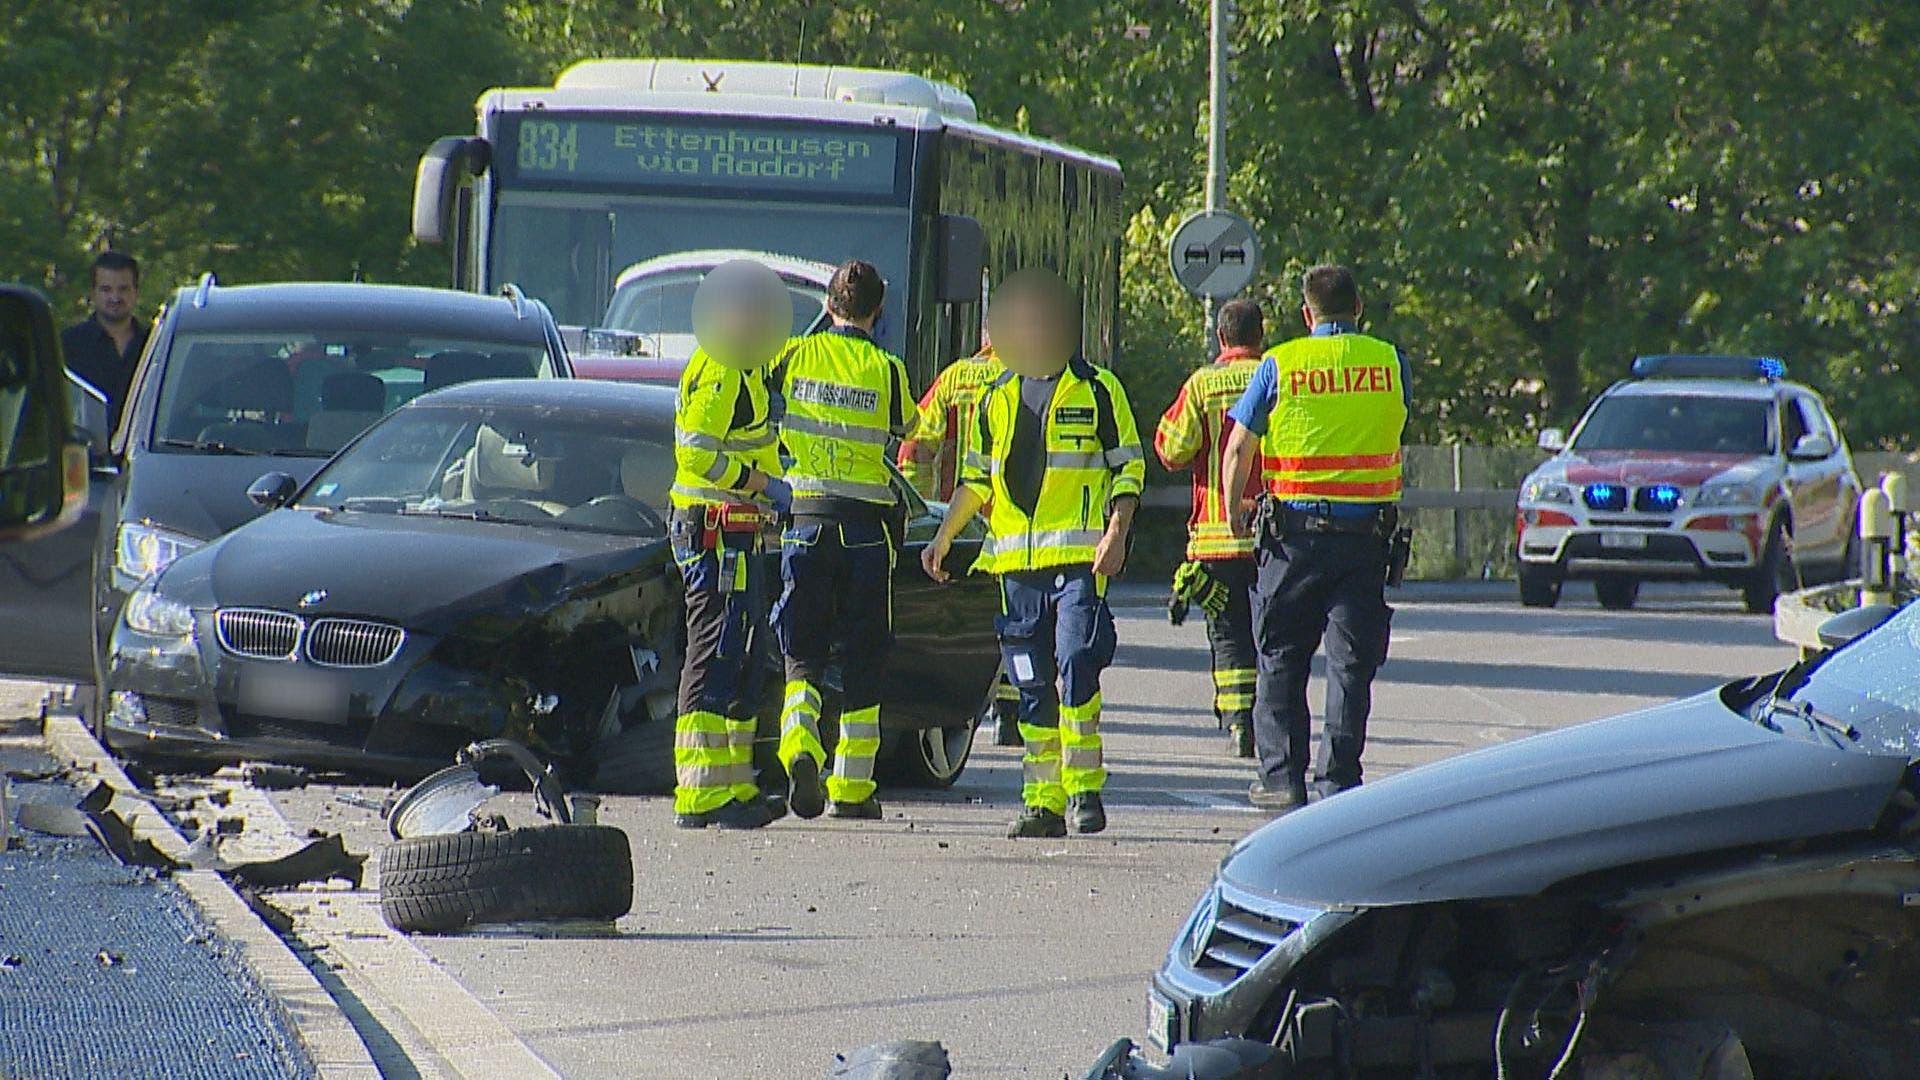 Blick auf die Unfallstelle. (Bild: BRK News)